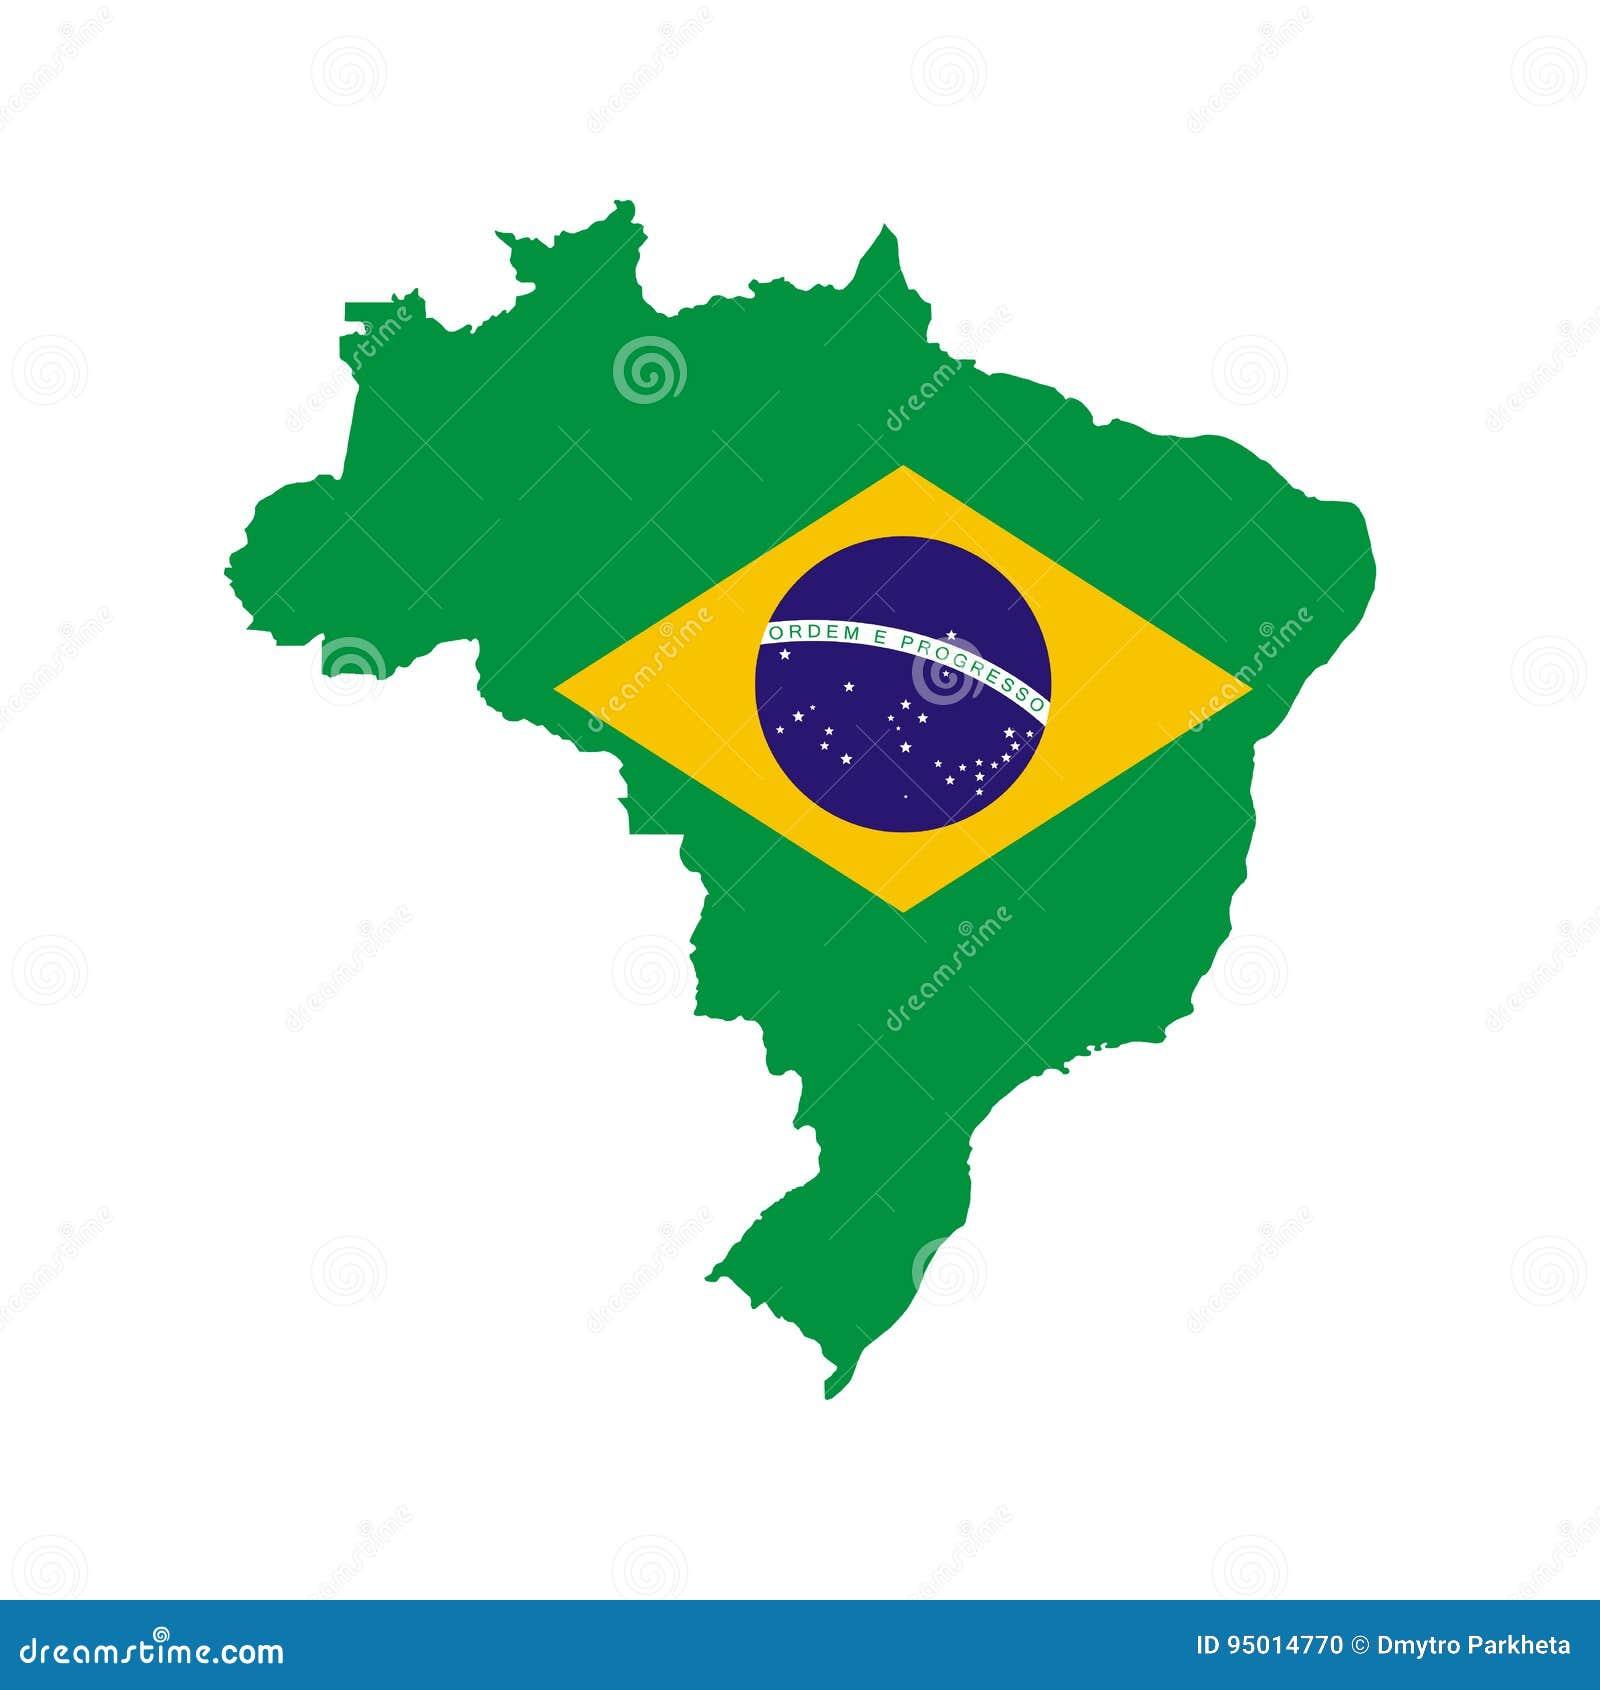 Brazil Outline And Flag Stock Vector Illustration Of World 95014770